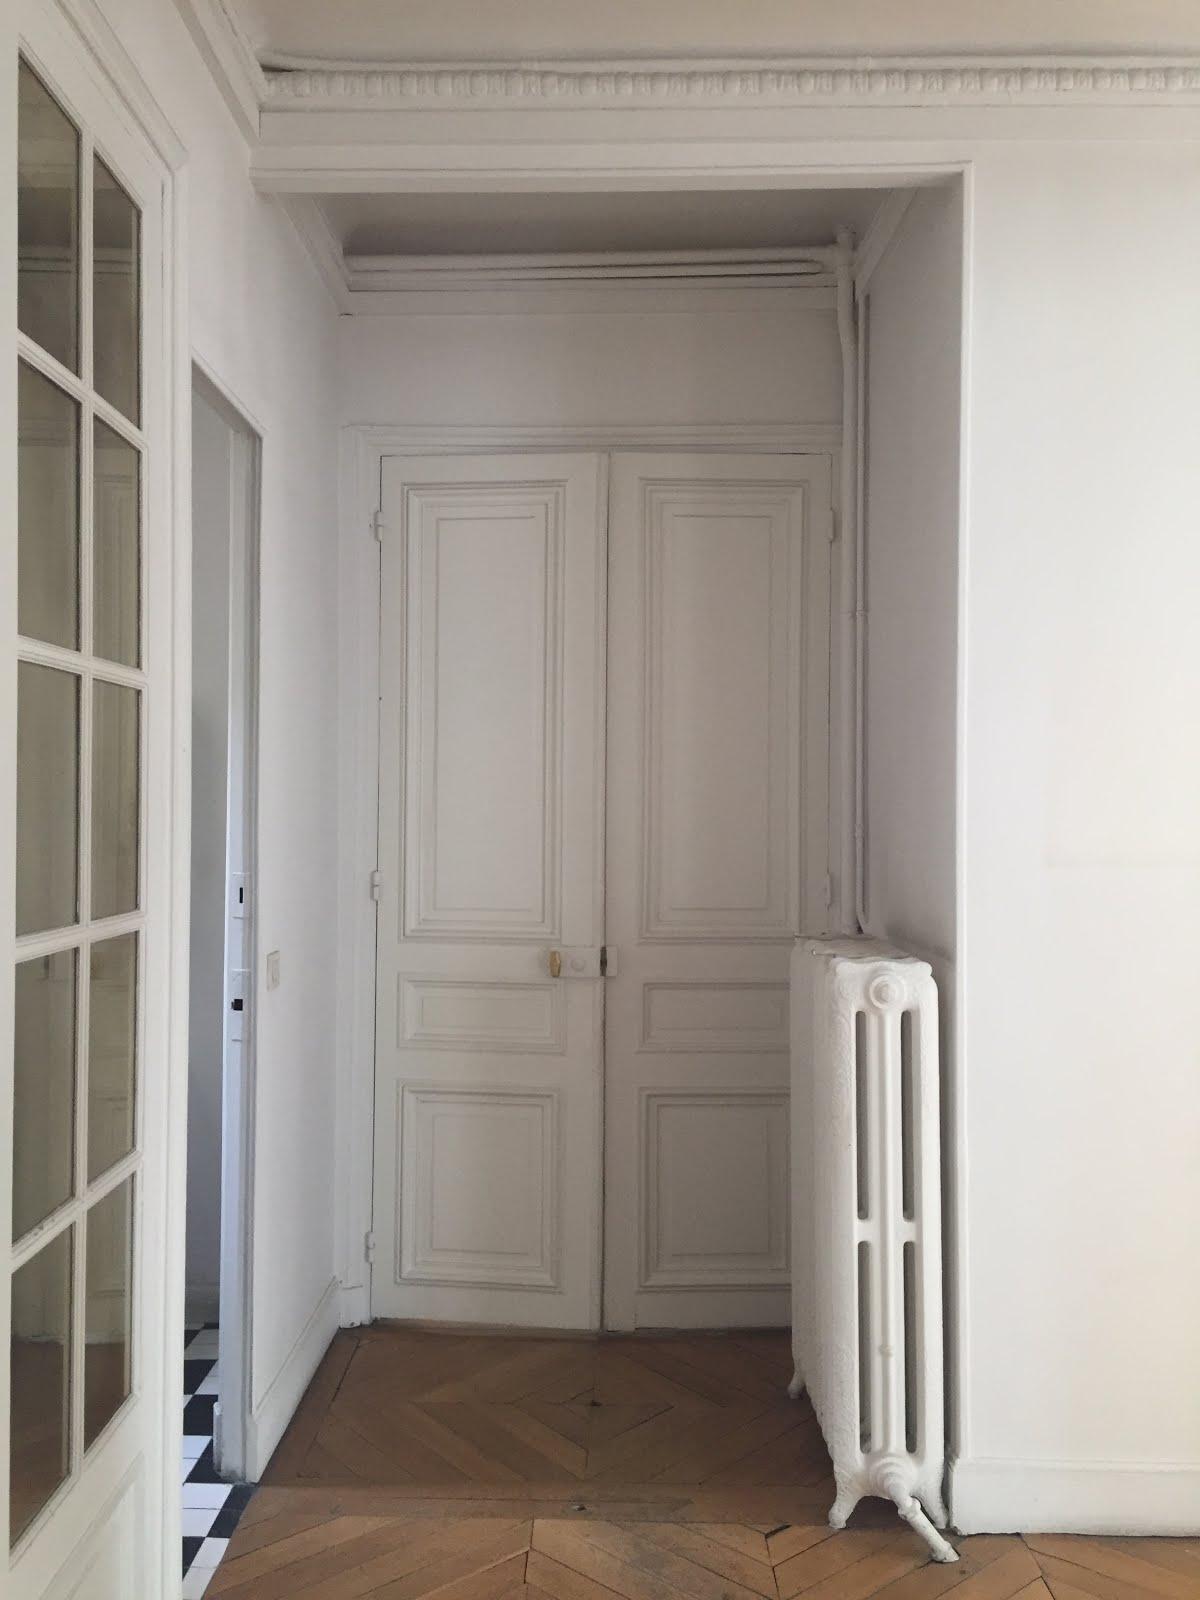 D 39 un client la vraie porte haussmanienne la parisienne la quincaill - La quincaillerie paris 10 ...